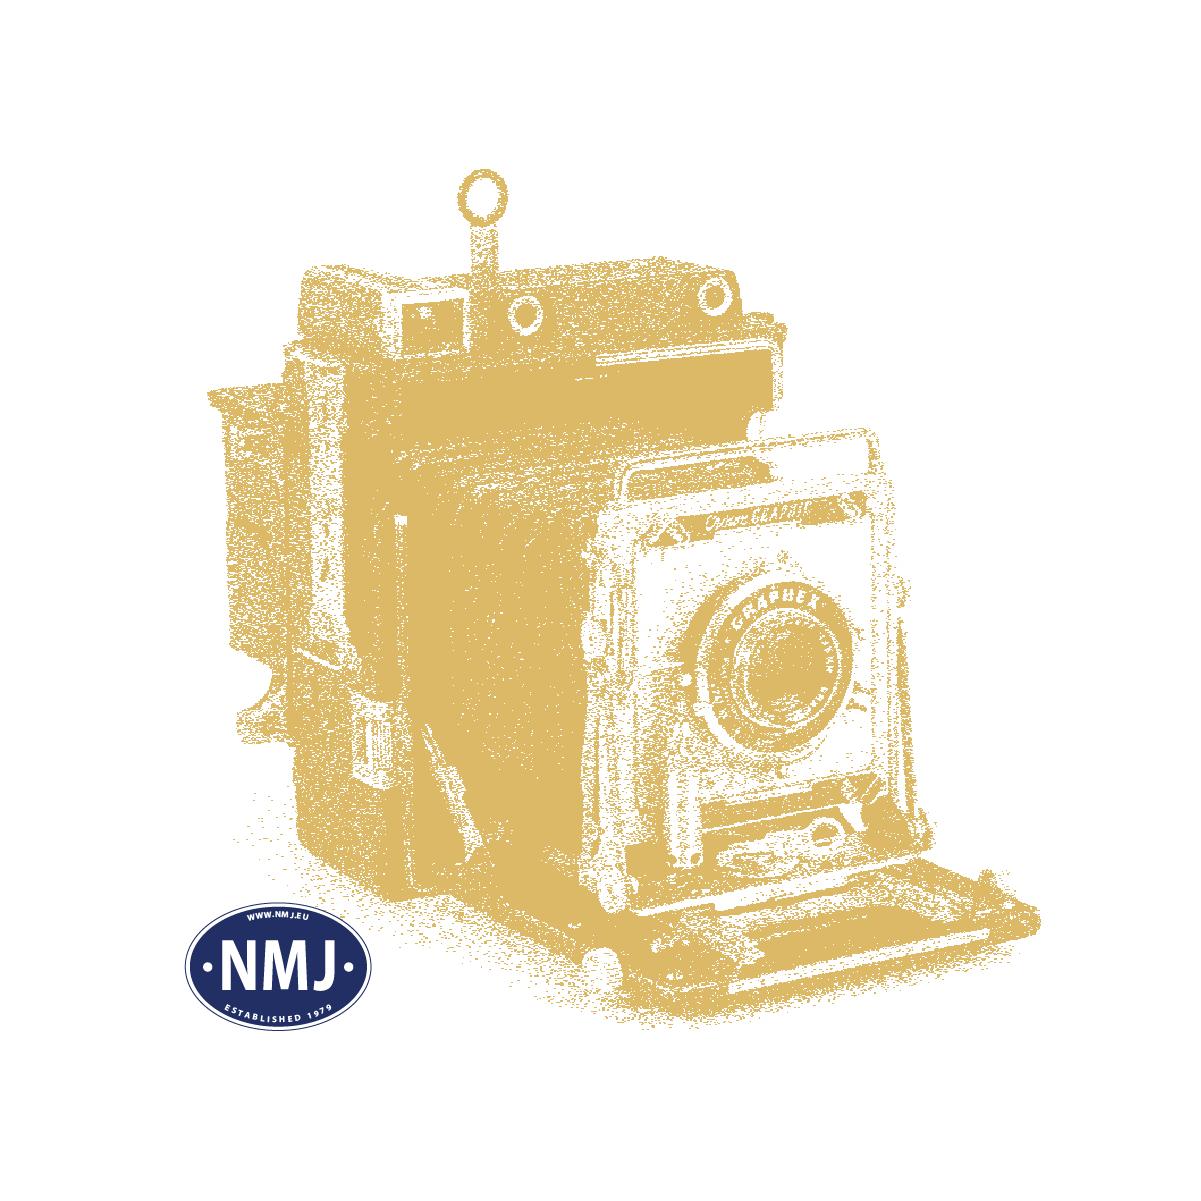 NMJT90019 - NMJ Topline NSB Di3a 617, Red/Black, DCC w/ Sound